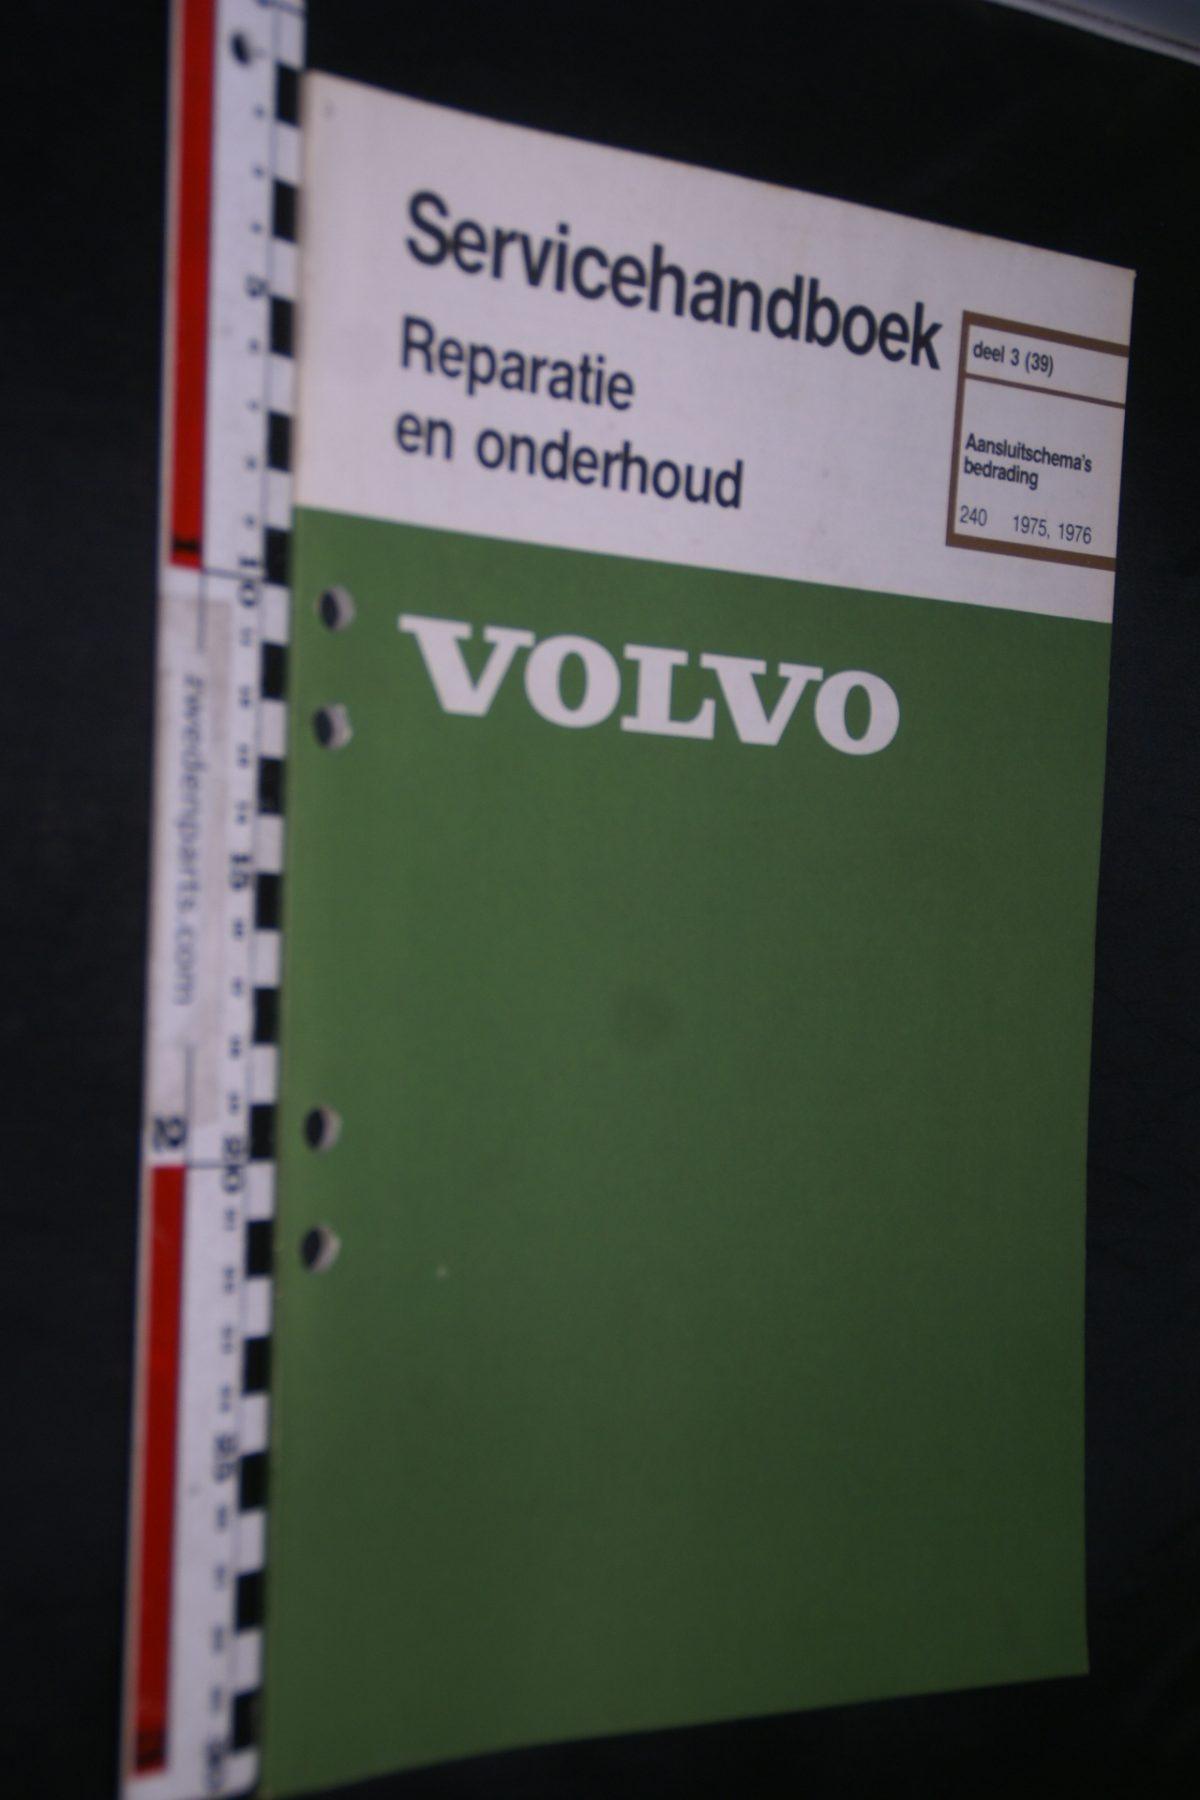 DSC06752 1977 origineel Volvo 240 75, 76 servicehandboek 3 bedradingsschema 1 van 800 TP 11098-2